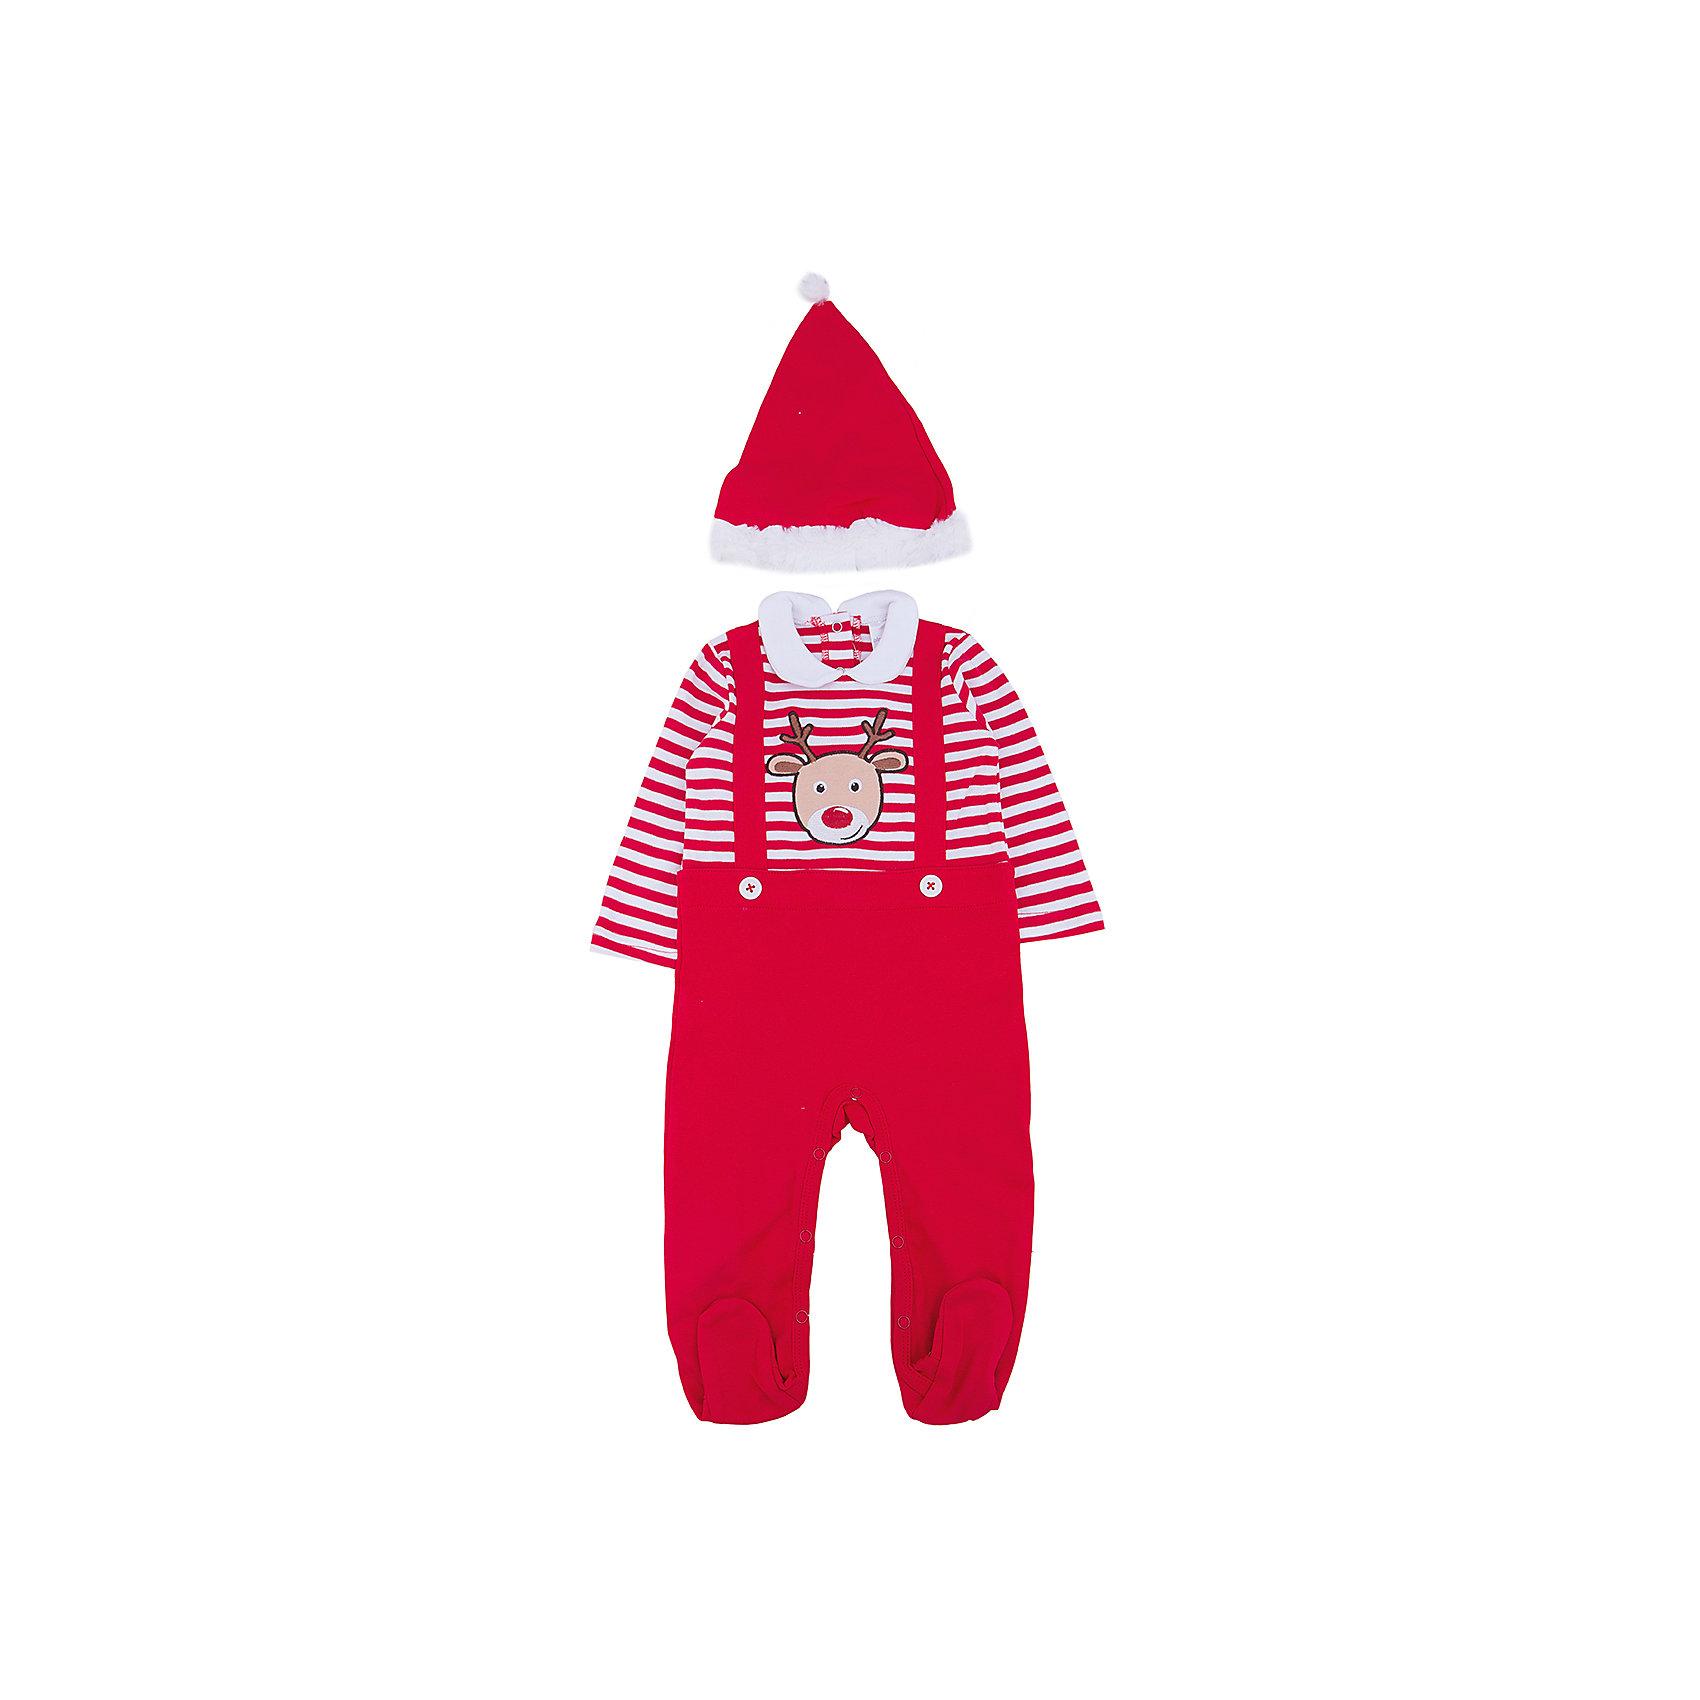 Карнавальный костюм для мальчика PlayTodayХарактеристики:<br><br>• Вид одежды: боди<br>• Предназначение: карнавальный костюм, праздничная одежда<br>• Пол: для мальчика<br>• Сезон: новогодние праздники<br>• Материал: хлопок – 100%<br>• Цвет: белый, красный<br>• Рукав: длинный<br>• Вырез горловины: круглый, отложной воротничок<br>• Застежка: кнопки на спинке и внизу<br>• Наличие колпака Санта Клауса<br>• Особенности ухода: ручная стирка без применения отбеливающих средств, глажение при низкой температуре <br><br>PlayToday – это линейка детской одежды, которая предназначена как для повседневности, так и для праздников. Большинство моделей выполнены в классическом стиле, сочетающем в себе традиции с яркими стильными элементами и аксессуарами. Весь ассортимент одежды сочетается между собой по стилю и цветовому решению, поэтому Вам будет легко сформировать гардероб вашего ребенка, который отражает его индивидуальность. <br>Карнавальный костюм для мальчика PlayToday – яркий, стильный и оригинальный наряд по типу боди для новогодних праздников. Боди с выполнено из 100% хлопка. У боди стильный дизайн – полосатый верх, на груди имеется имитация подтяжек и яркая наклейка в виде оленя, штанишки – однотонные. Боди удобно надевать и снимать: все застежки имеют кнопки. Для законченности образа предусмотрена шапка-колпак. <br><br>Карнавальный костюм для мальчика PlayToday можно купить в нашем интернет-магазине.<br><br>Ширина мм: 157<br>Глубина мм: 13<br>Высота мм: 119<br>Вес г: 200<br>Цвет: красный<br>Возраст от месяцев: 2<br>Возраст до месяцев: 5<br>Пол: Мужской<br>Возраст: Детский<br>Размер: 62,68,74<br>SKU: 5059451